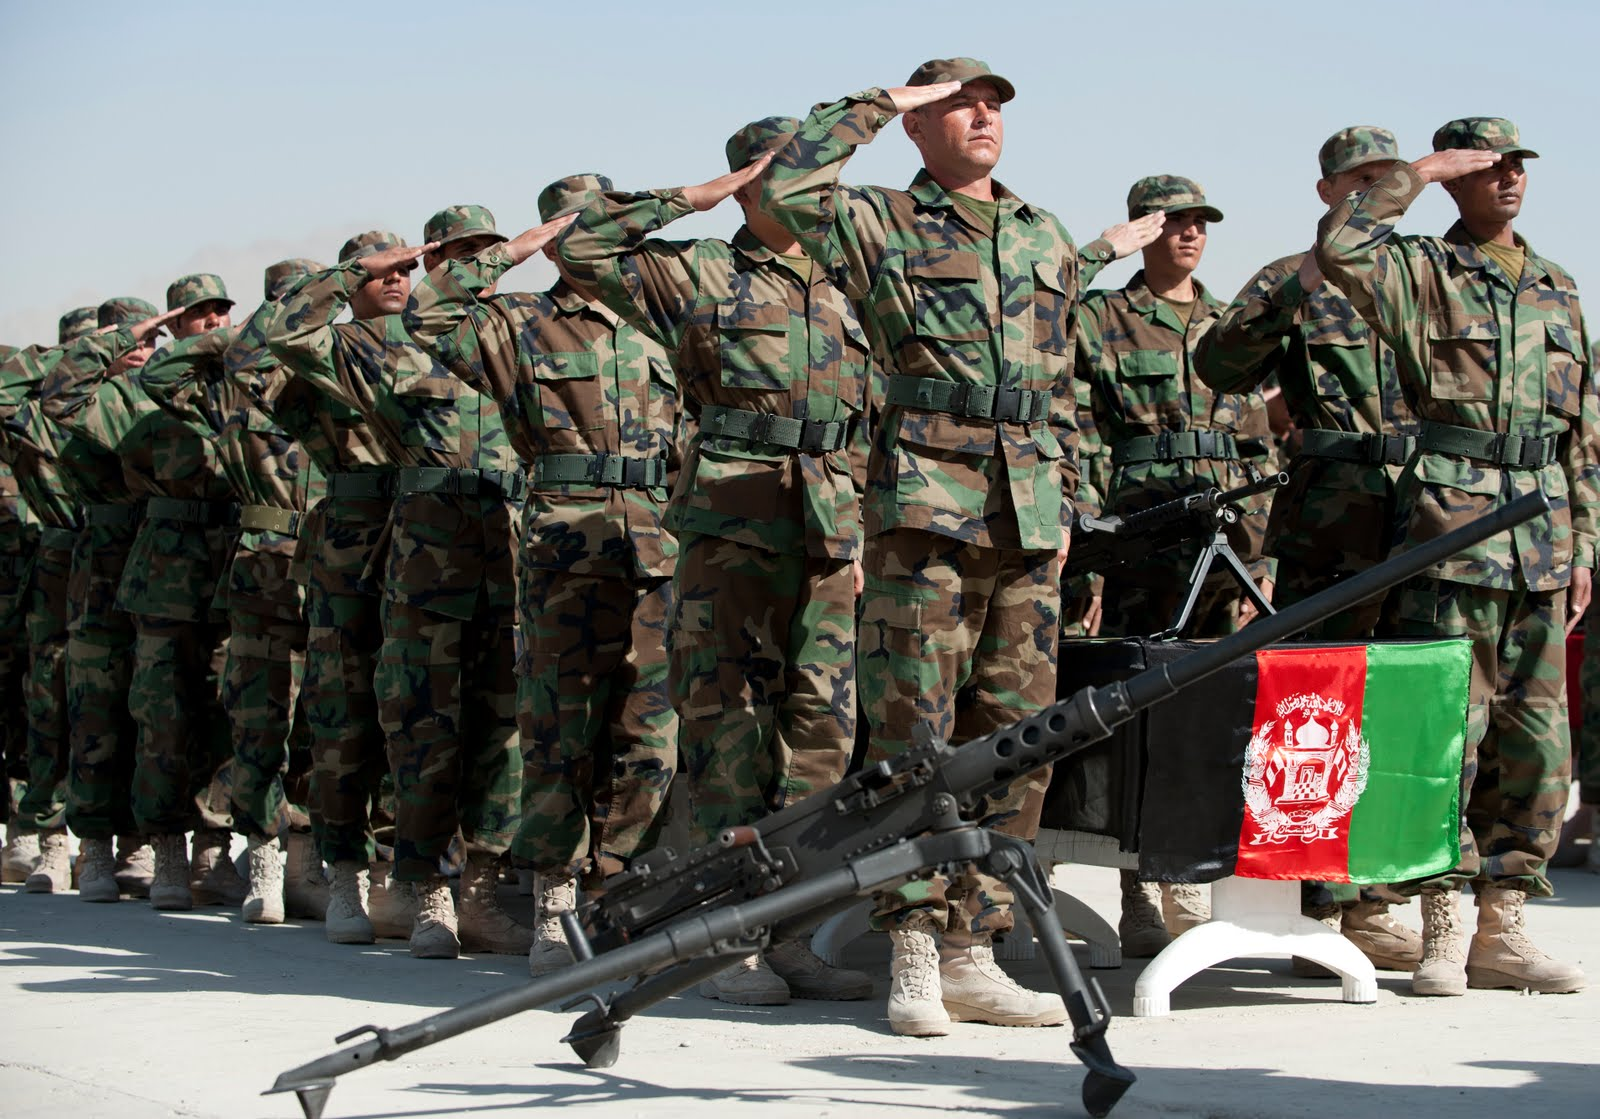 Afganistan'dan güldüren görüntüler: Ulusal Ordu'nun başarısızlığının sırrı ne?